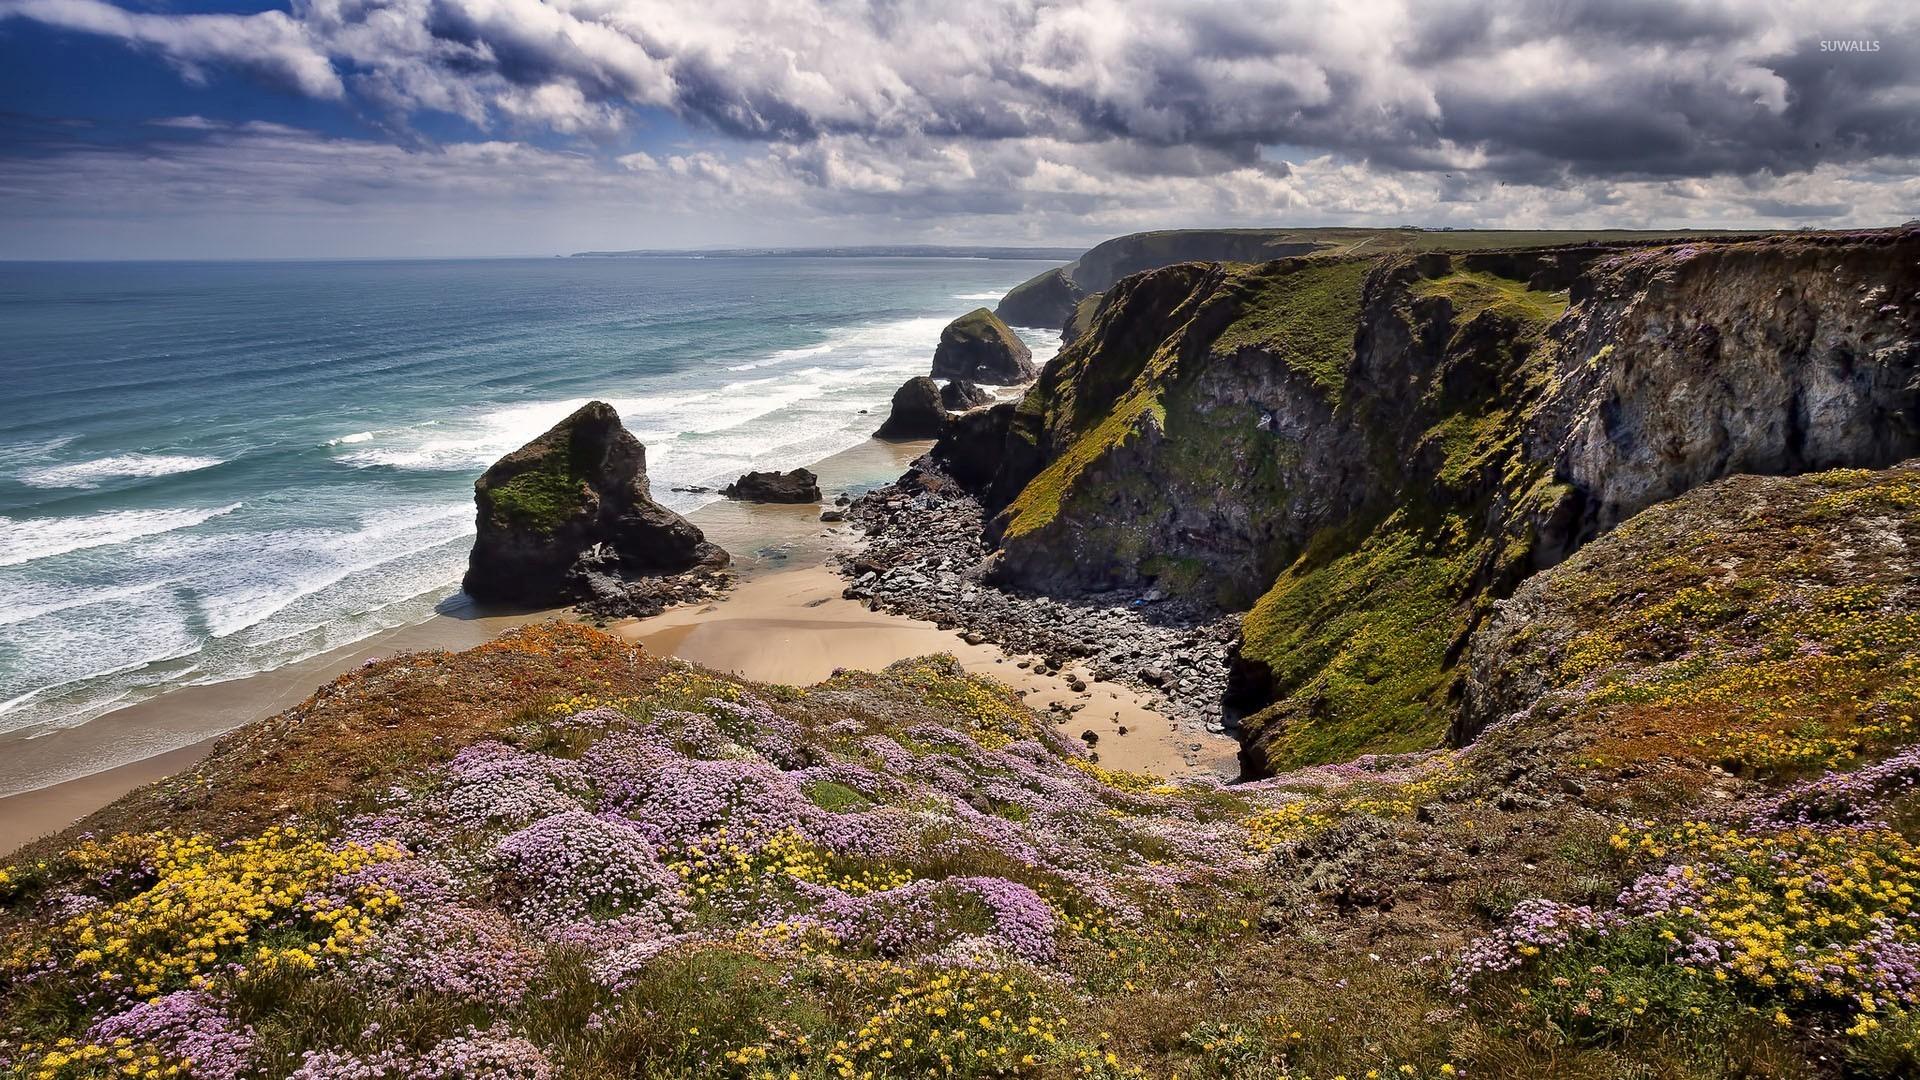 Hidden small beach in Cornwall wallpaper   Beach wallpapers   48223 1920x1080